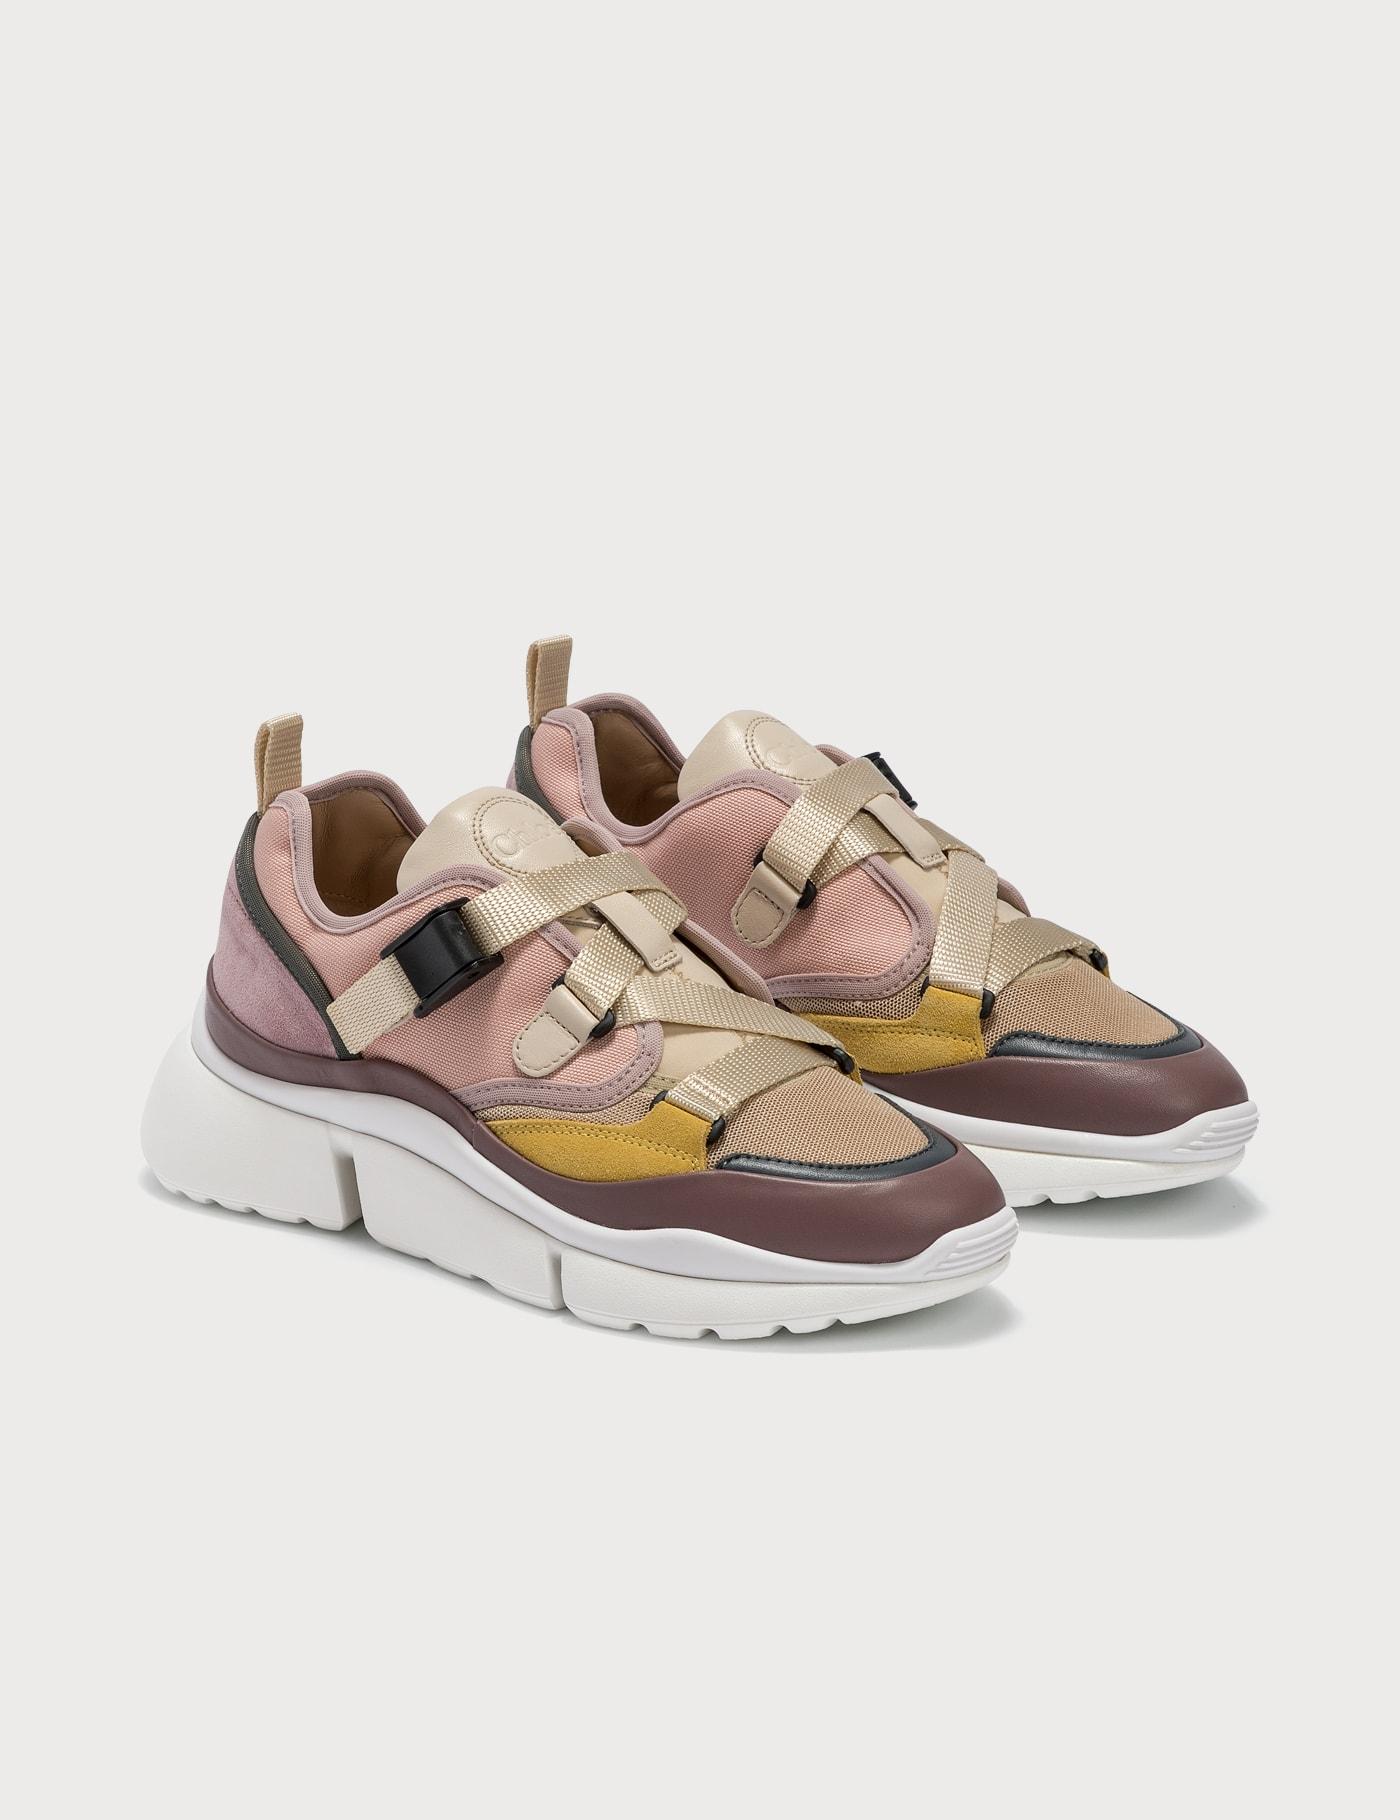 Sonnie Low Top Sneaker